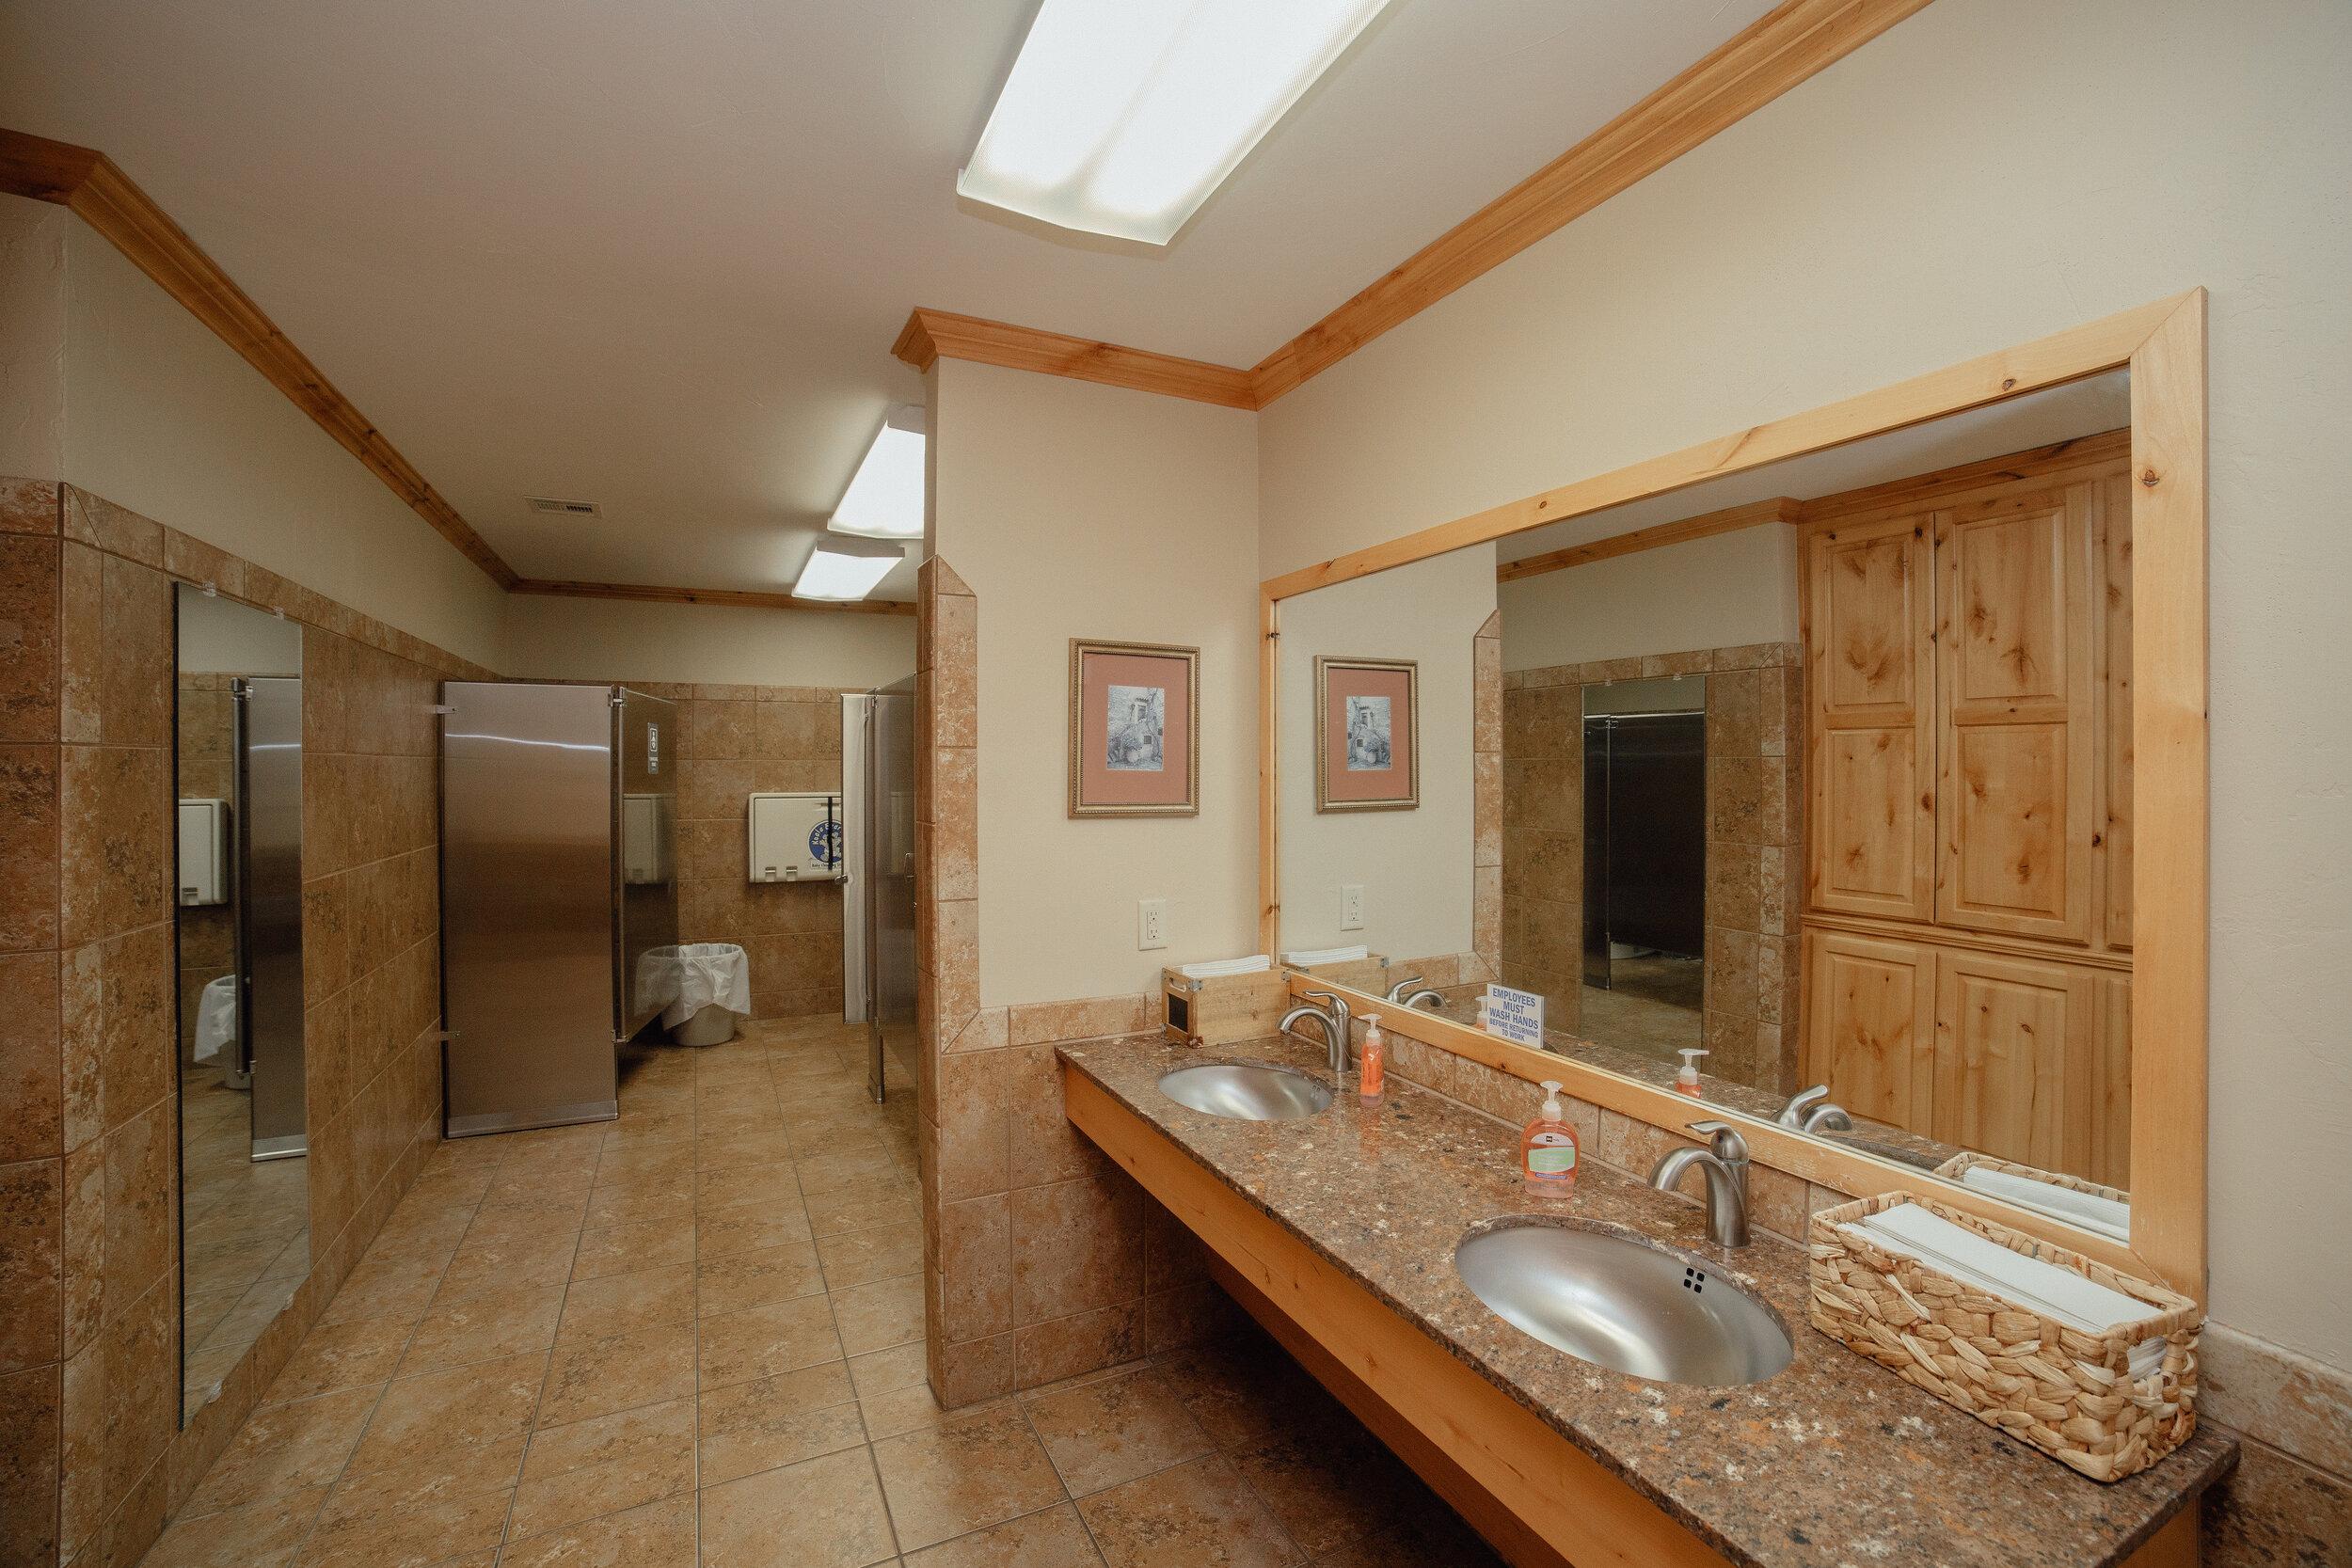 Nice Clean Restrooms